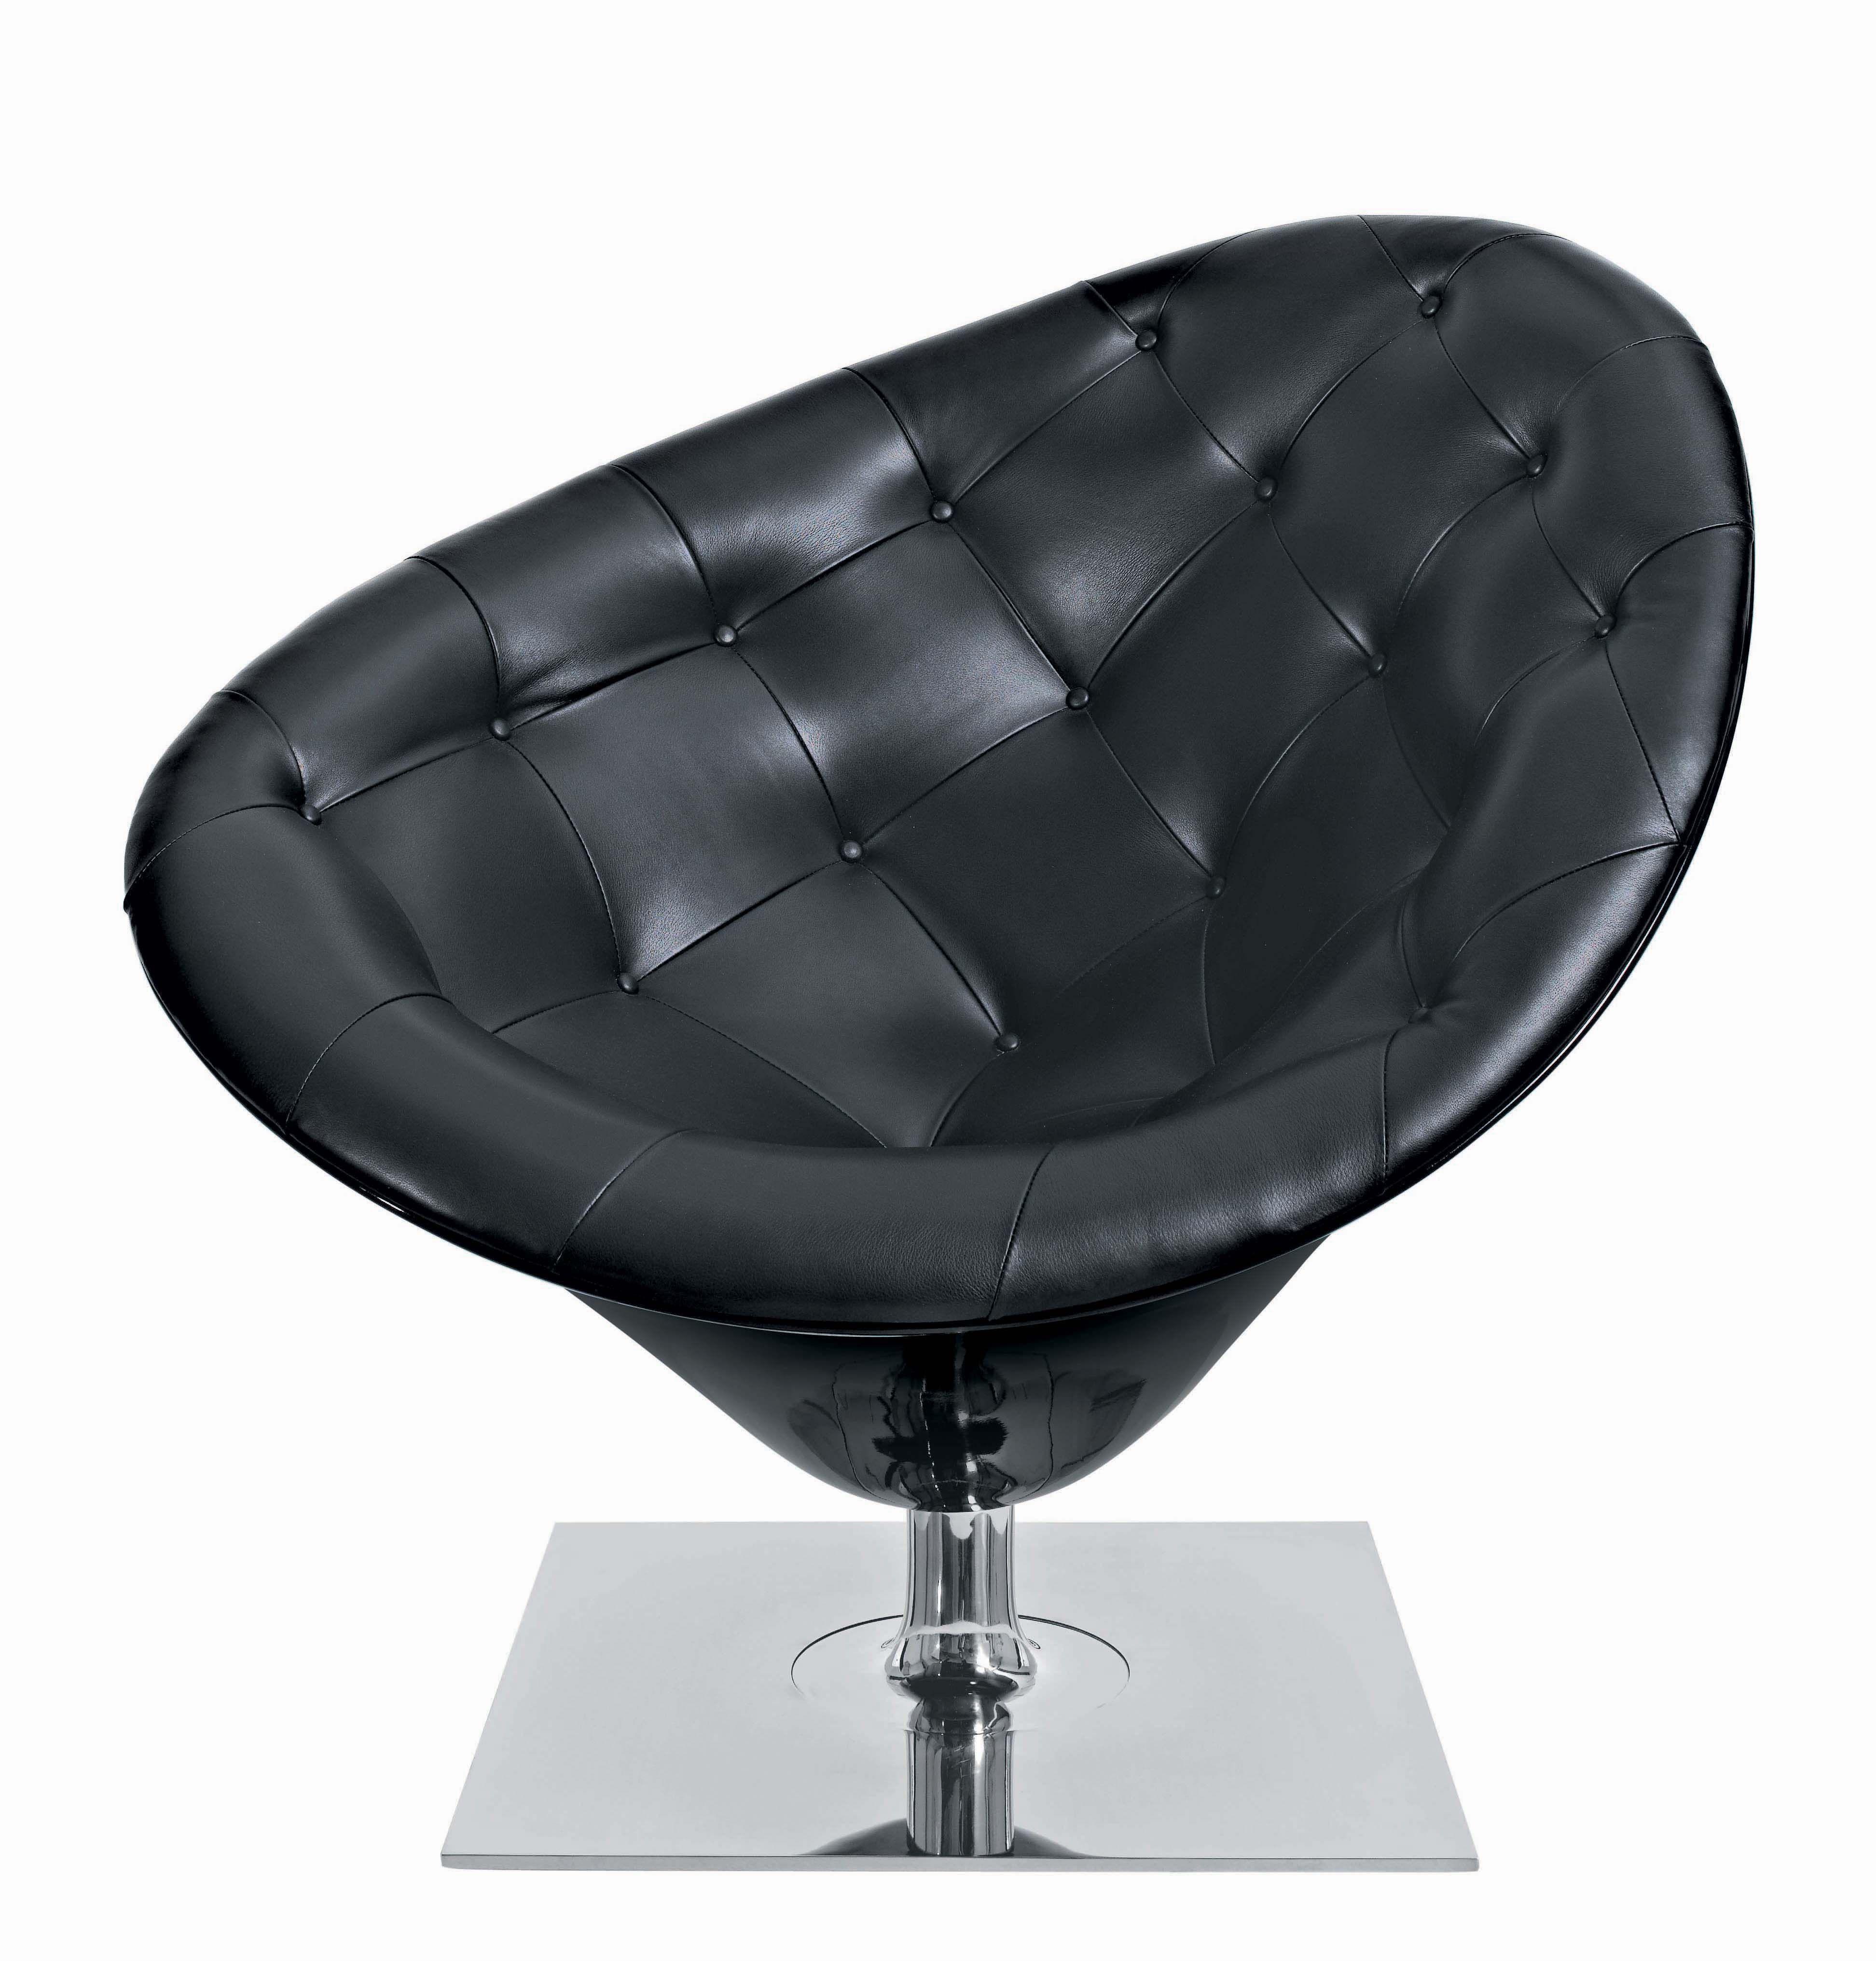 Arredamento - Mobili d'eccezione - Poltrona girevole MOORe - Versione Pelle di Driade - Pelle nera - Acciaio lucidato, Fibra di vetro, Pelle pieno fiore